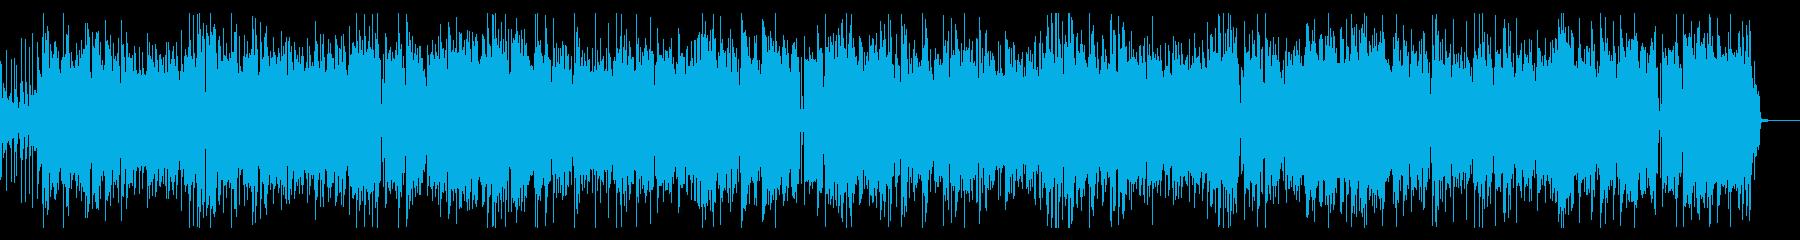 サックスがメインの陽気で軽快な夏BGMの再生済みの波形